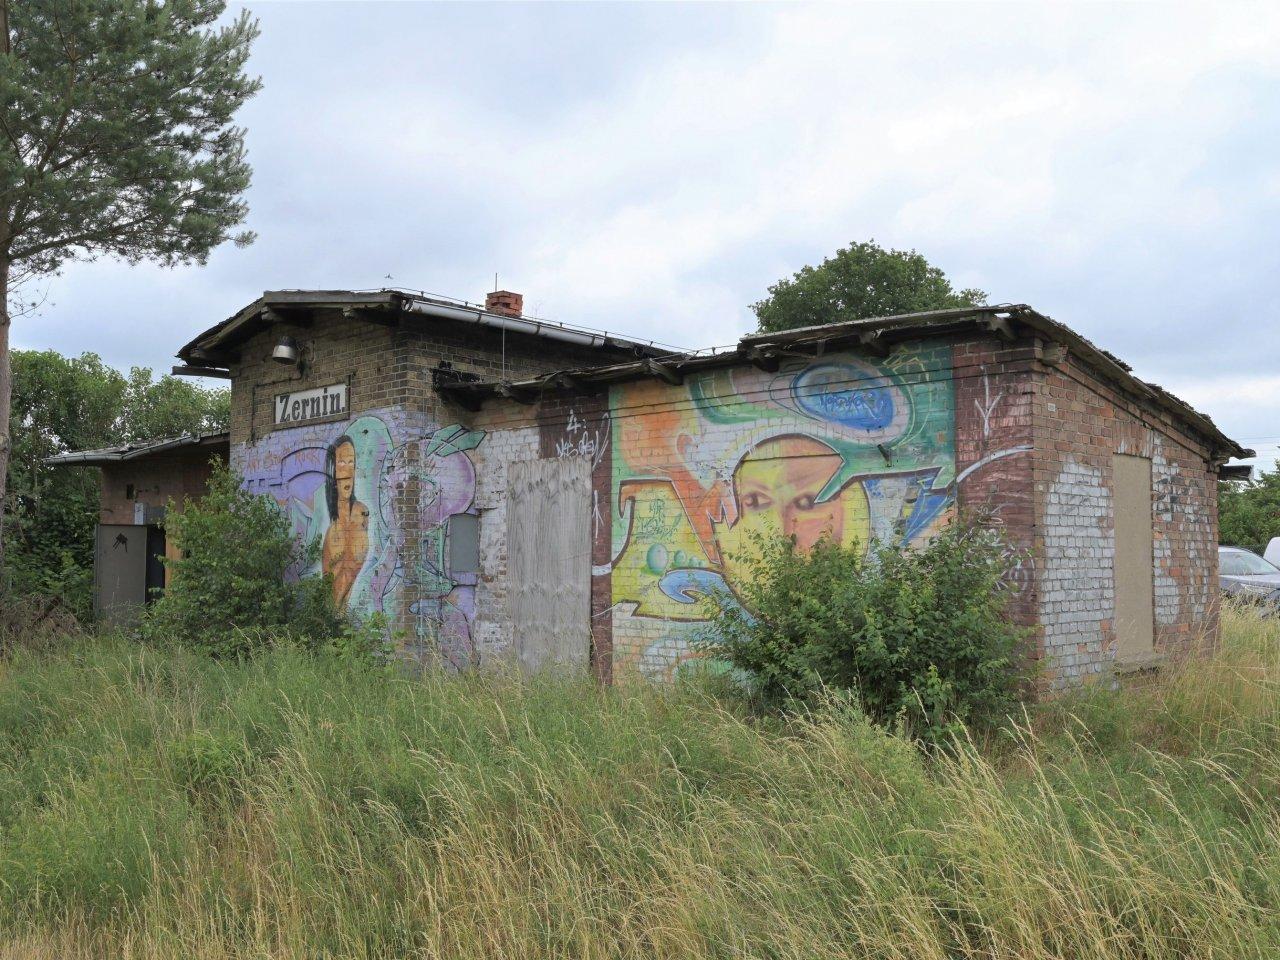 Ehemaliges stark sanierungsbedürftiges teils ruinöses Bahnhofsgebäude